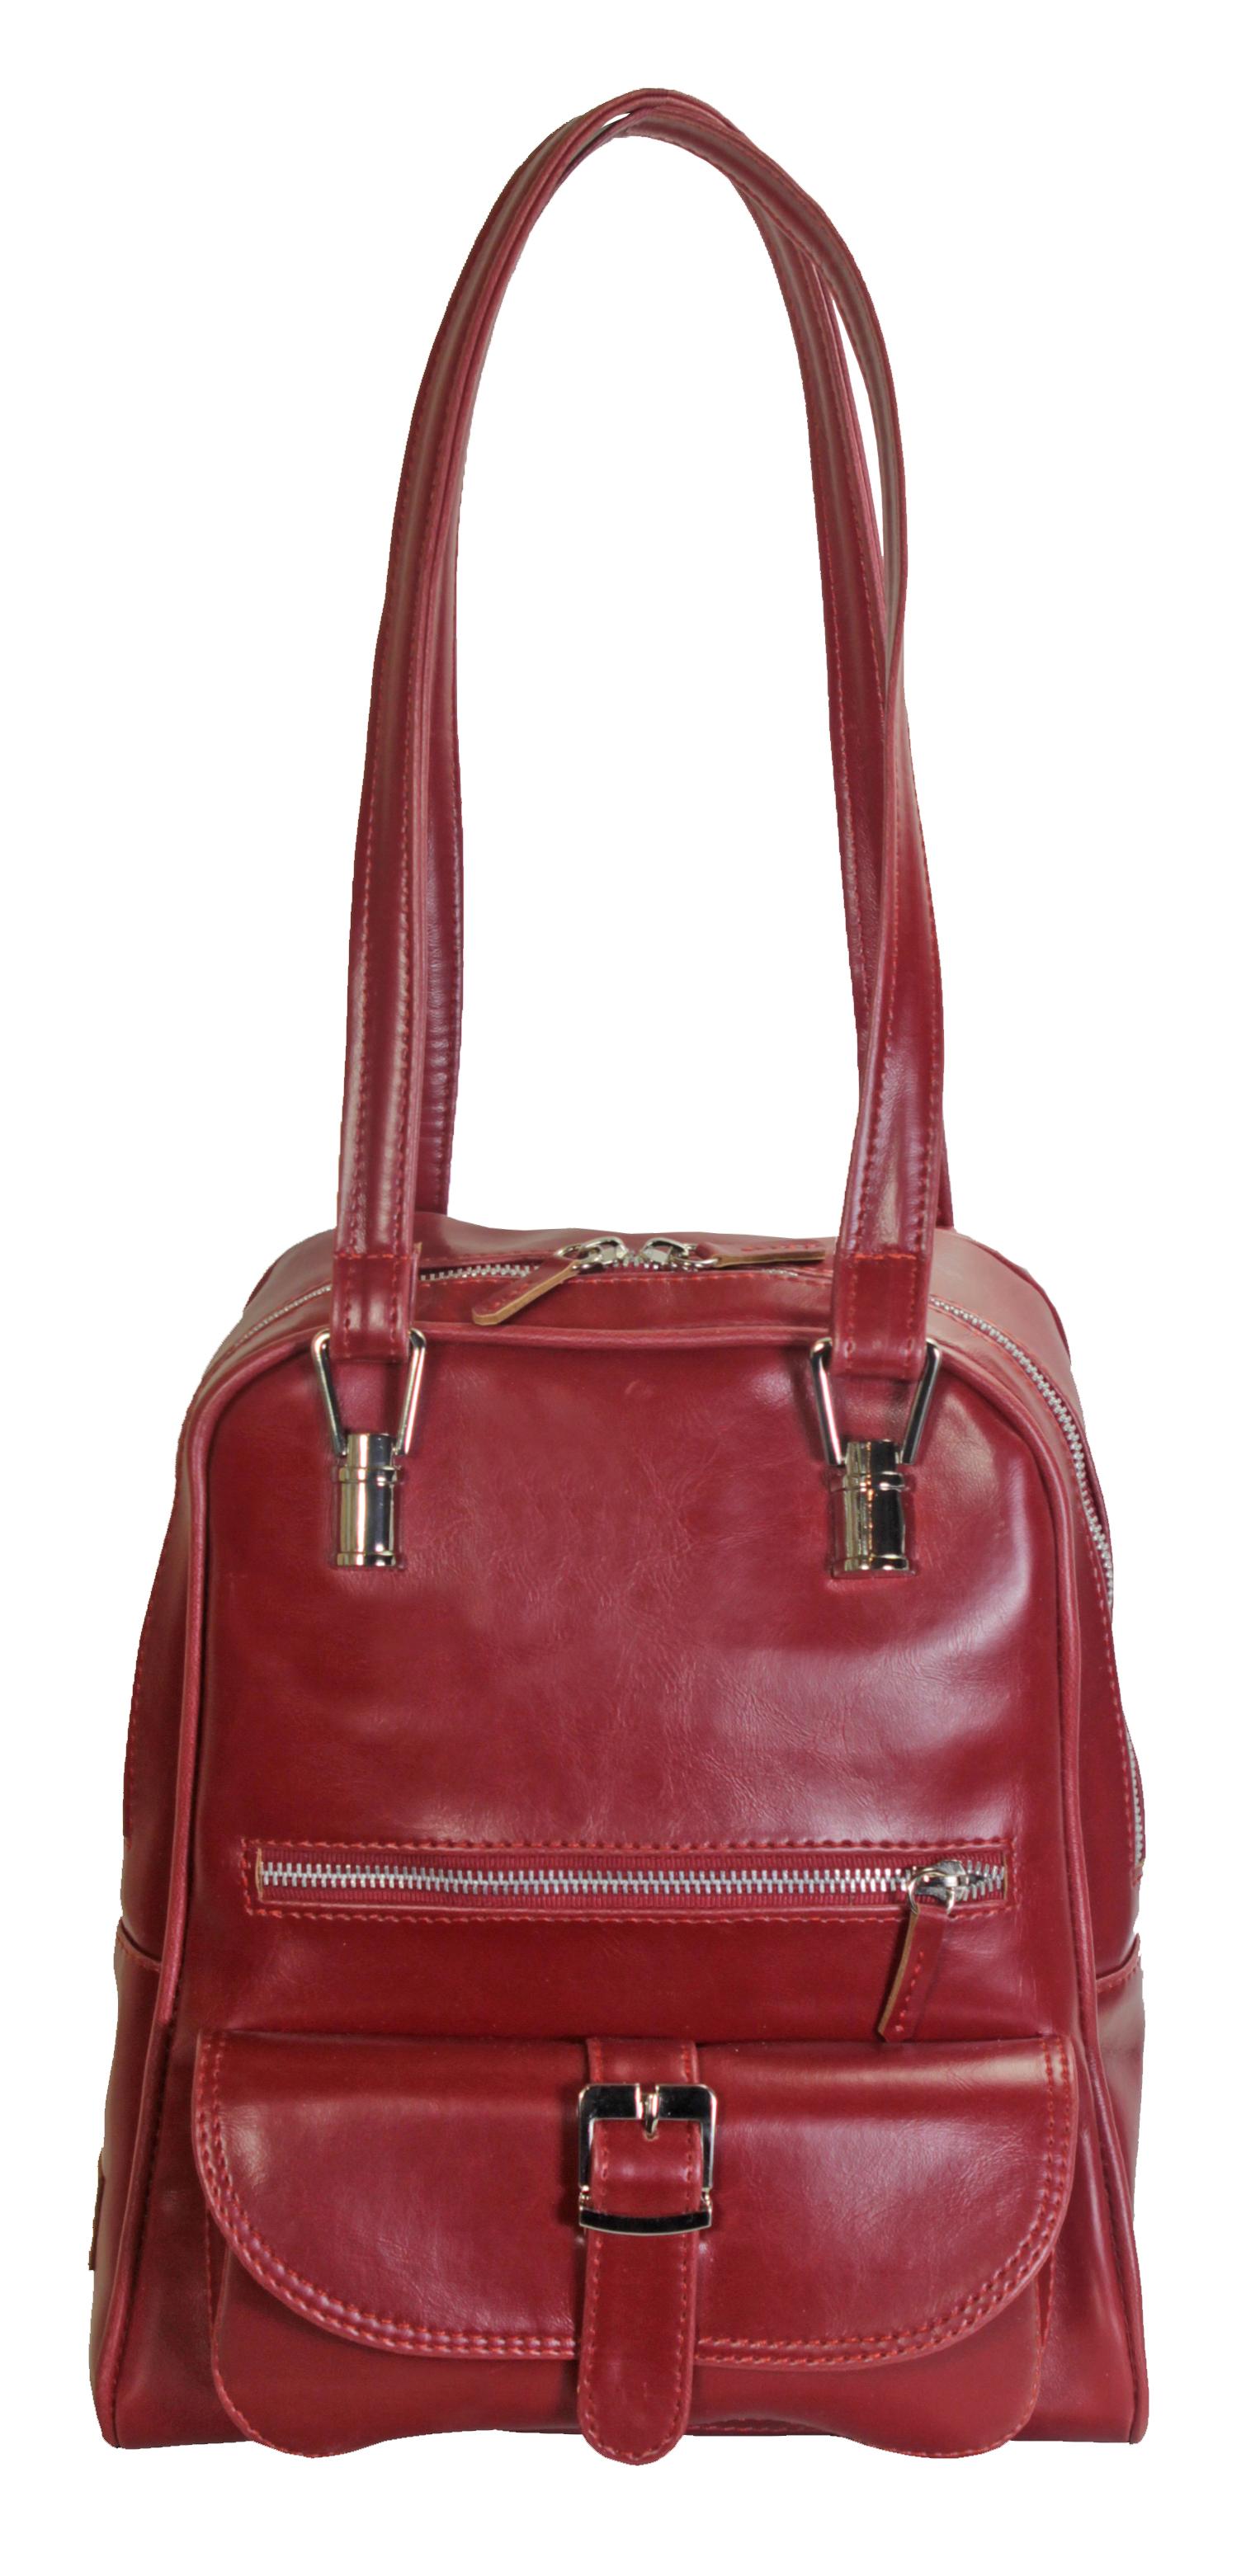 Multifunkční batůžek v červené barvě 11-10237-red